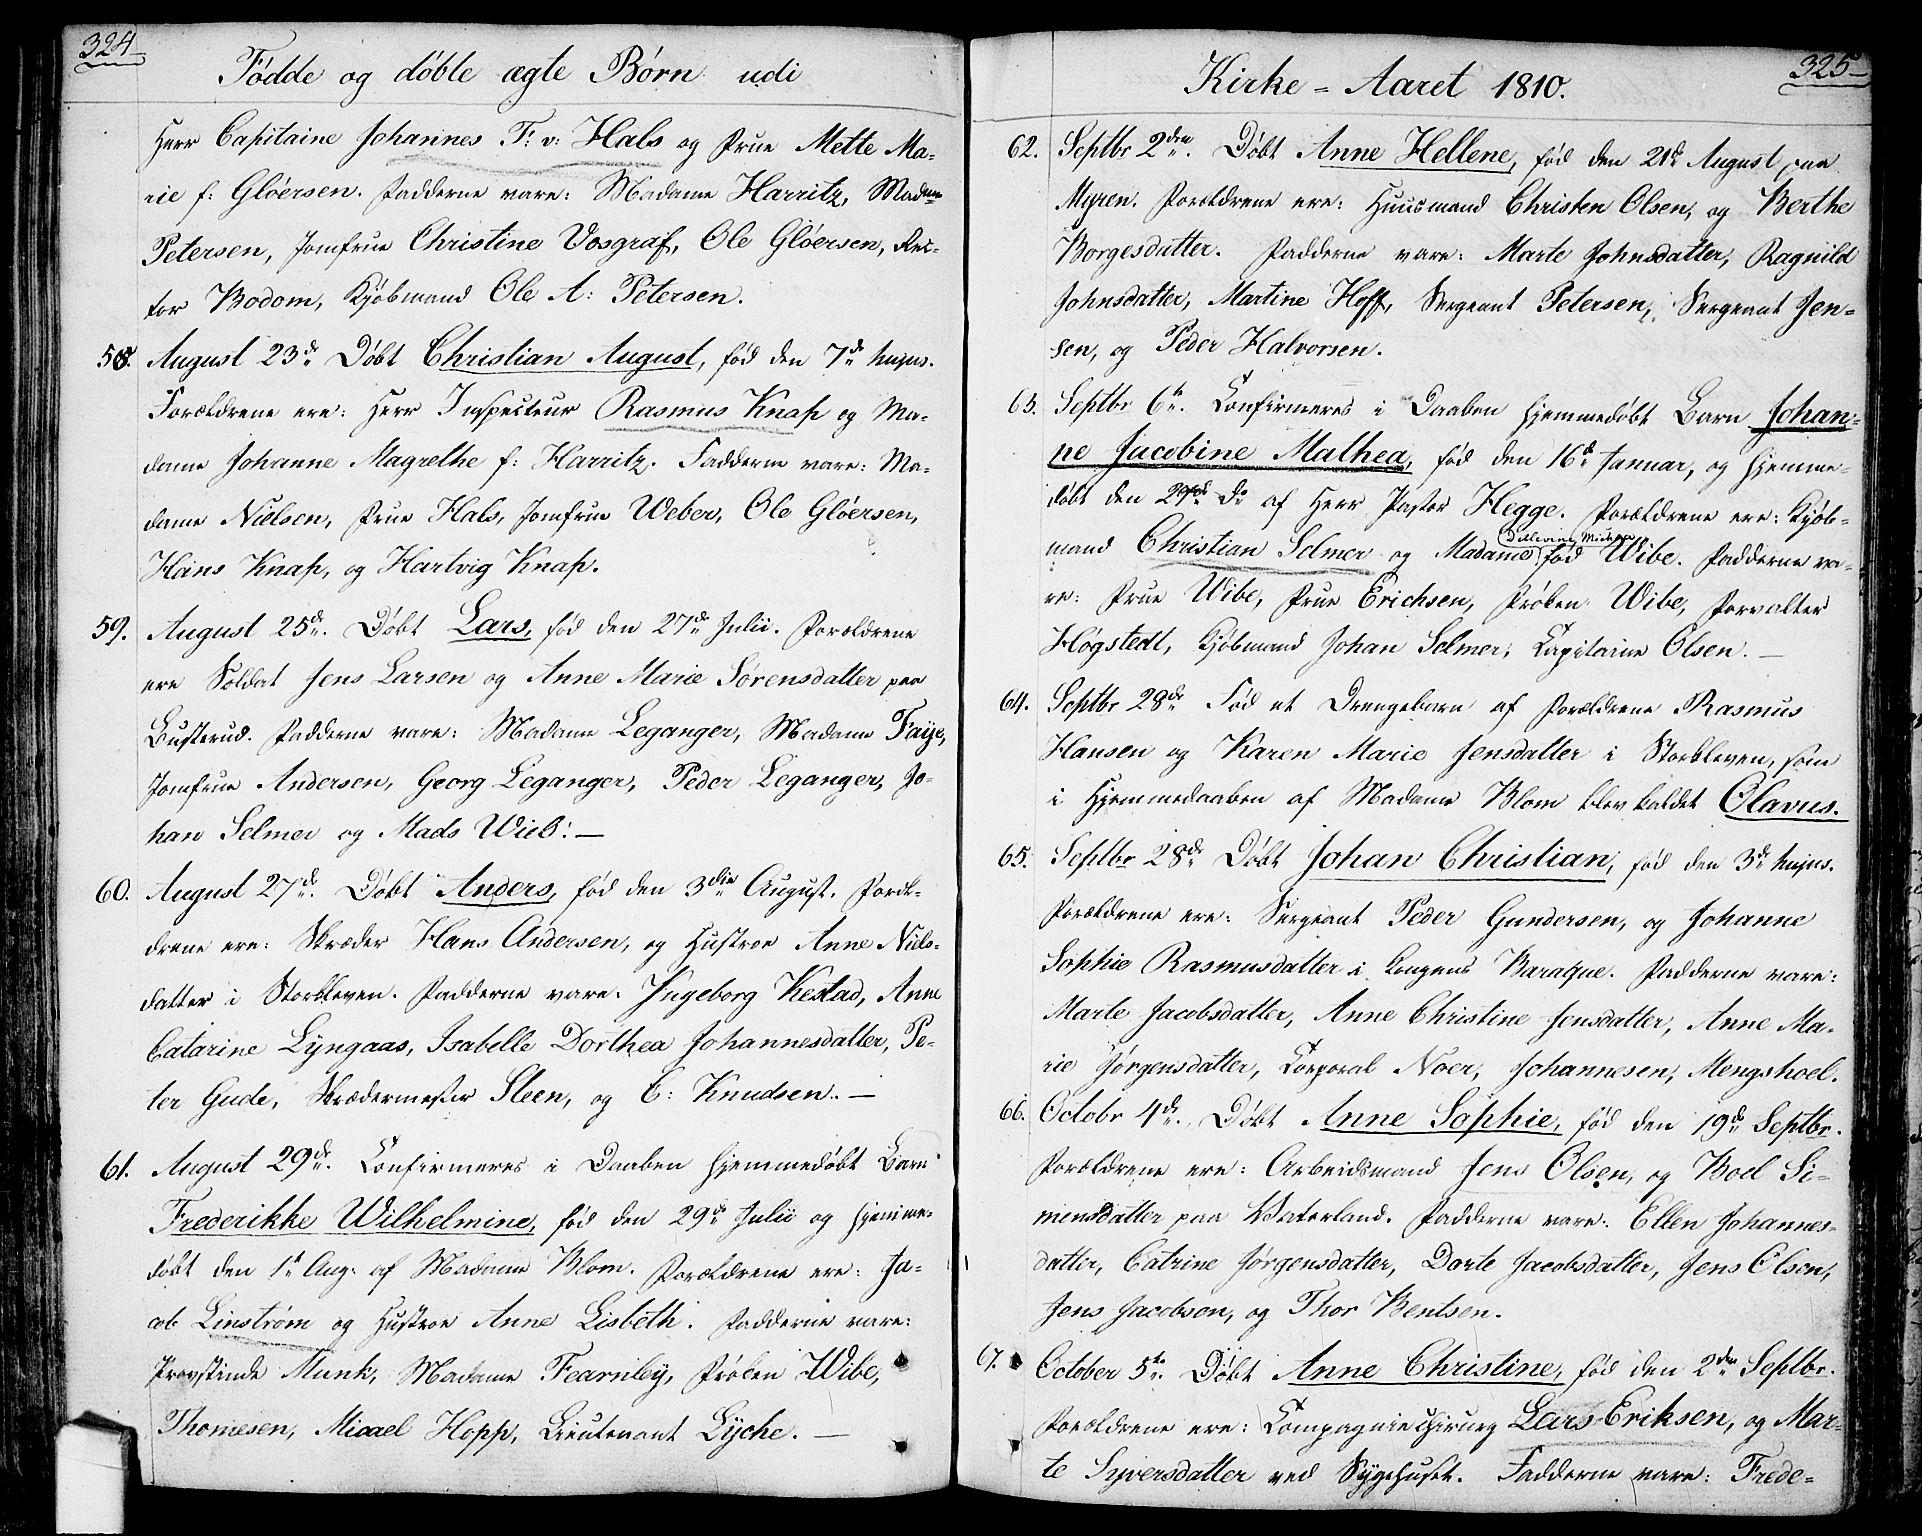 SAO, Halden prestekontor Kirkebøker, F/Fa/L0002: Ministerialbok nr. I 2, 1792-1812, s. 324-325